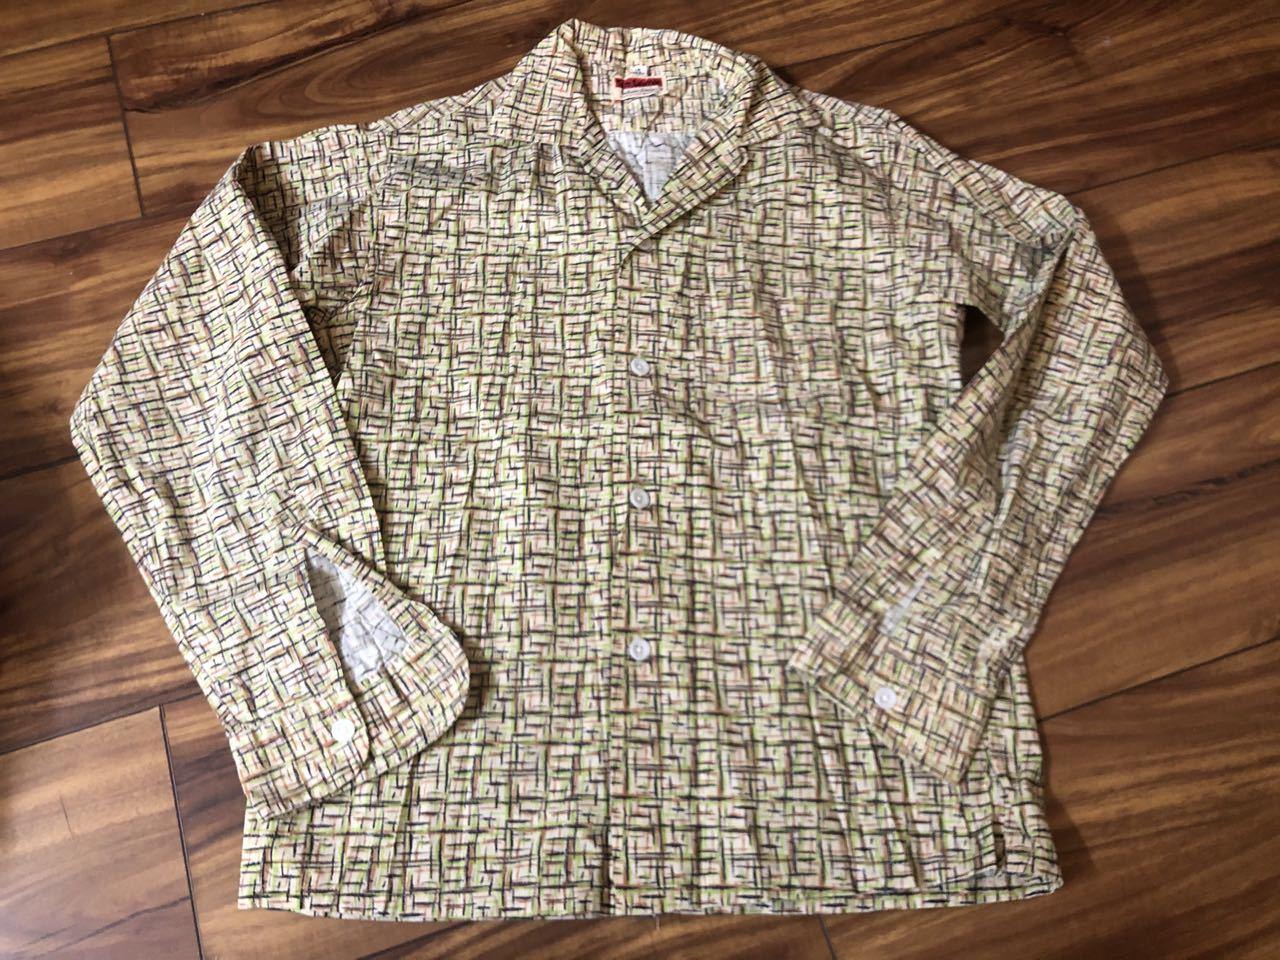 3月21日(土)入荷! 50s all cotton Tom Sawyer カスリ柄シャツ!_c0144020_17122898.jpg